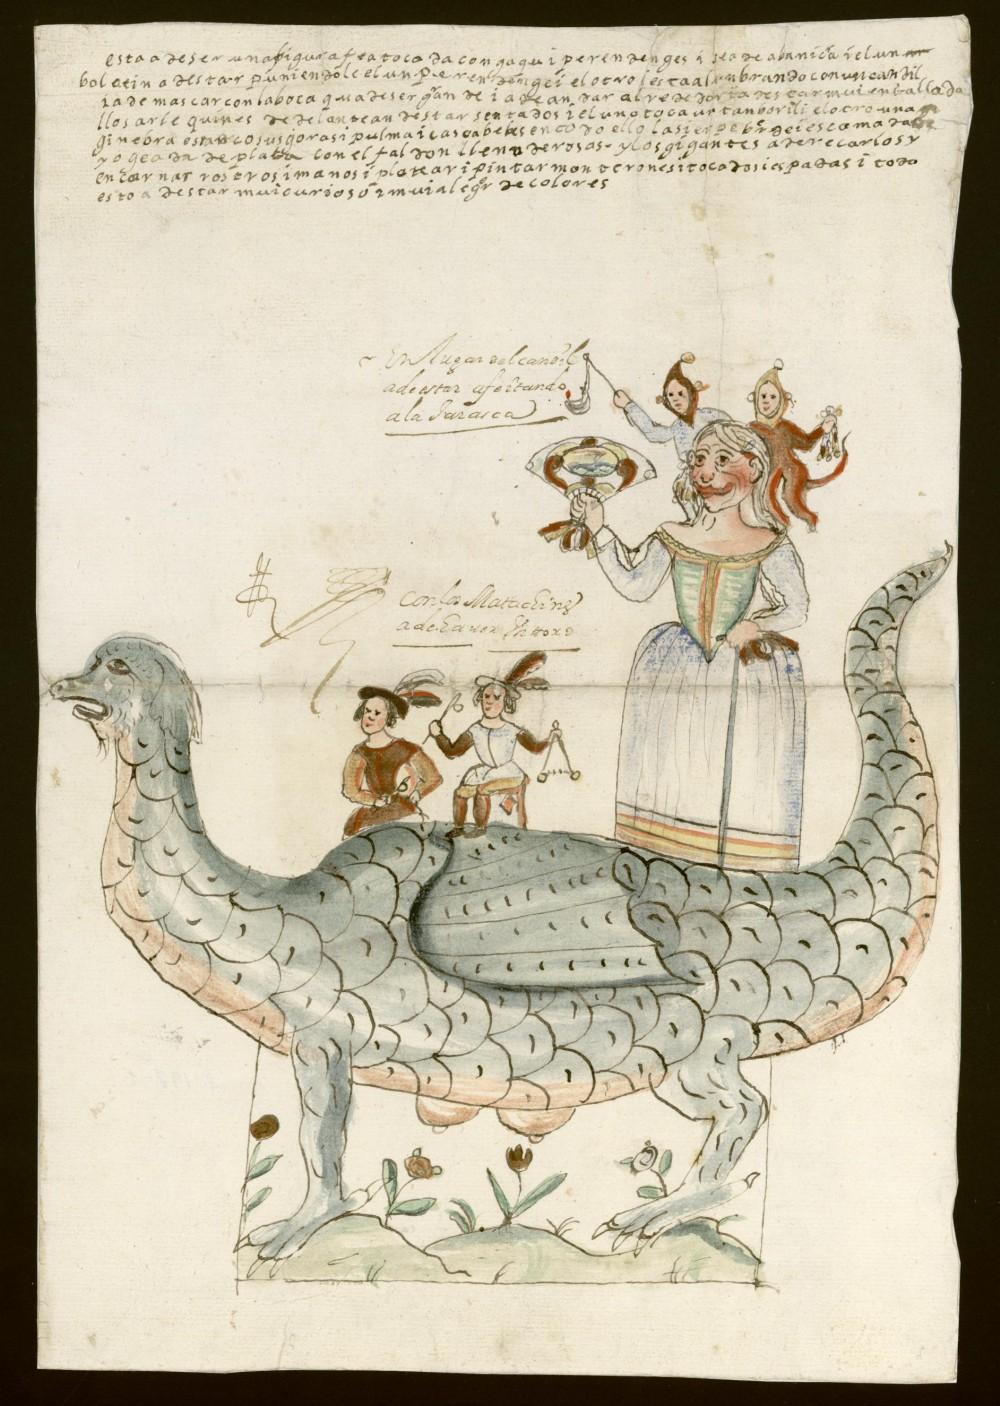 José de Barahona y Tomás de Barahona. Tarasca con arlequines. Procesión del Corpus Christi. 1667. Archivo de la Villa de Madrid.